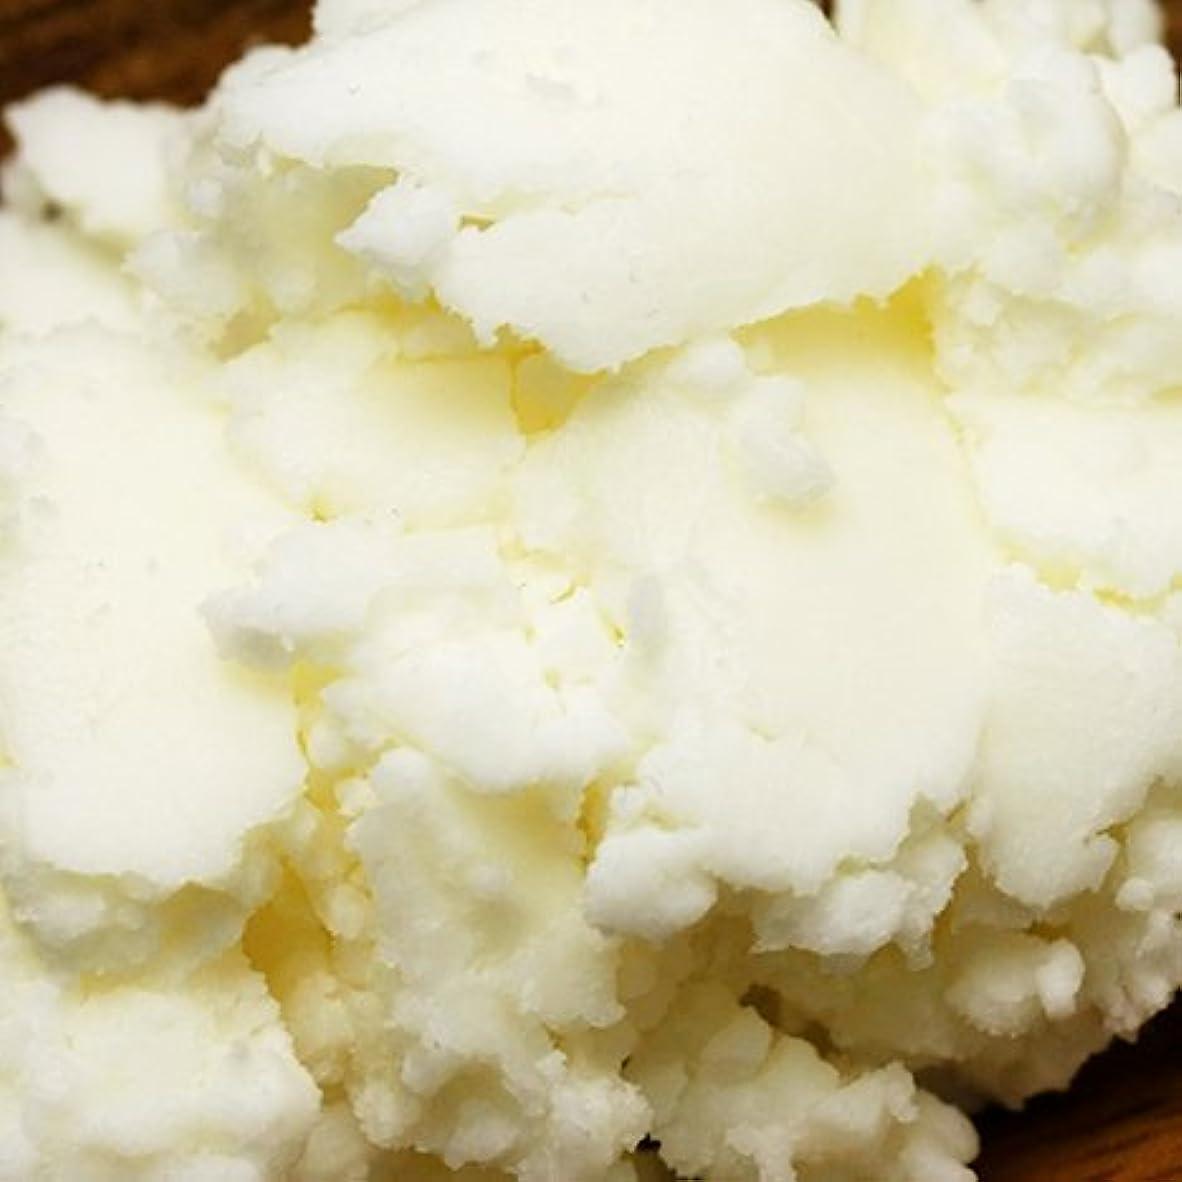 特別に苦しむ確執マンゴーバター 100g 【手作り石鹸?手作りコスメに最適】